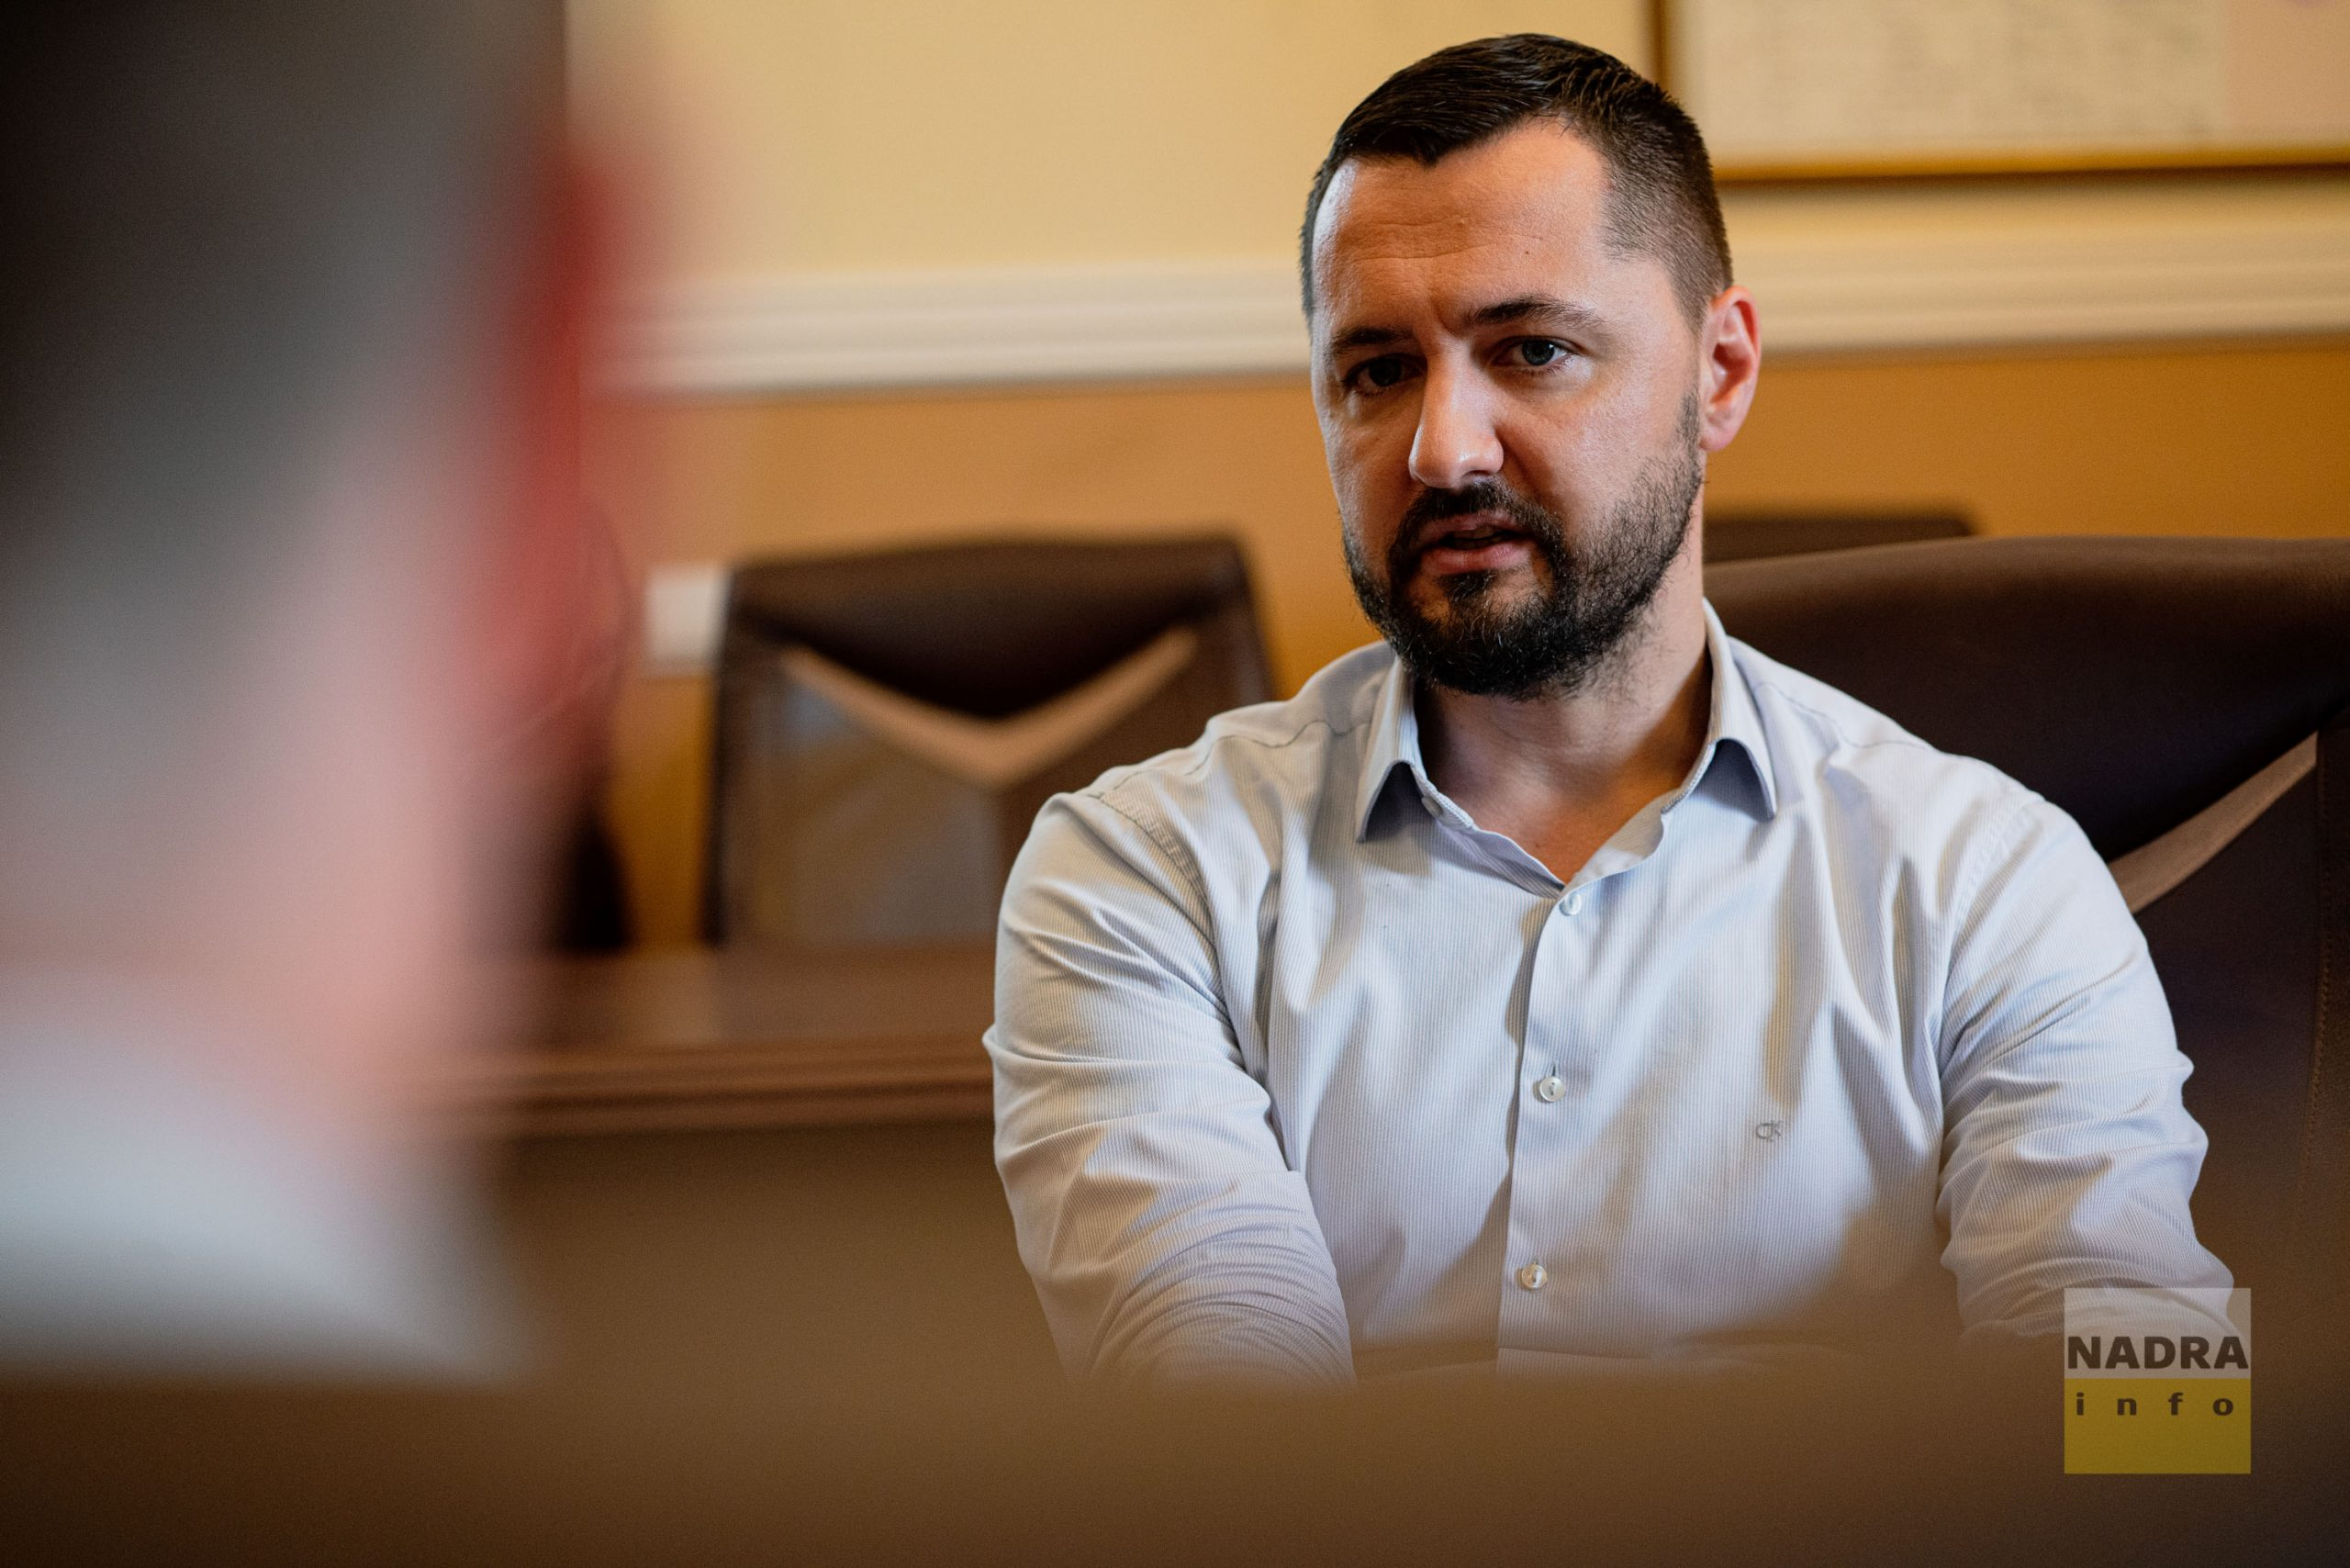 Романа Опімаха запрошують на РНБО для звіту про надра